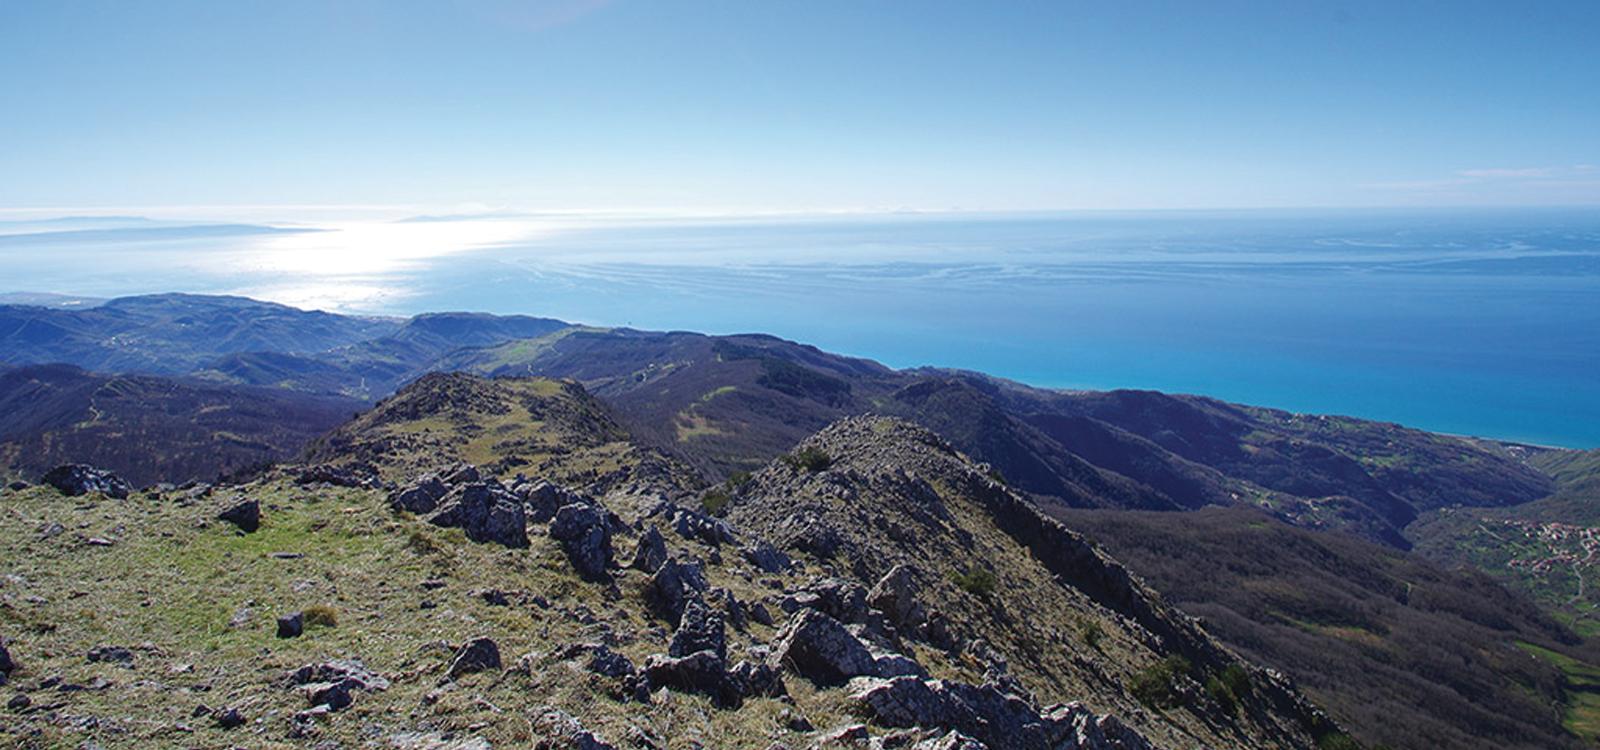 Un luogo unico e incantevole a 1540 metri sul livello del mare